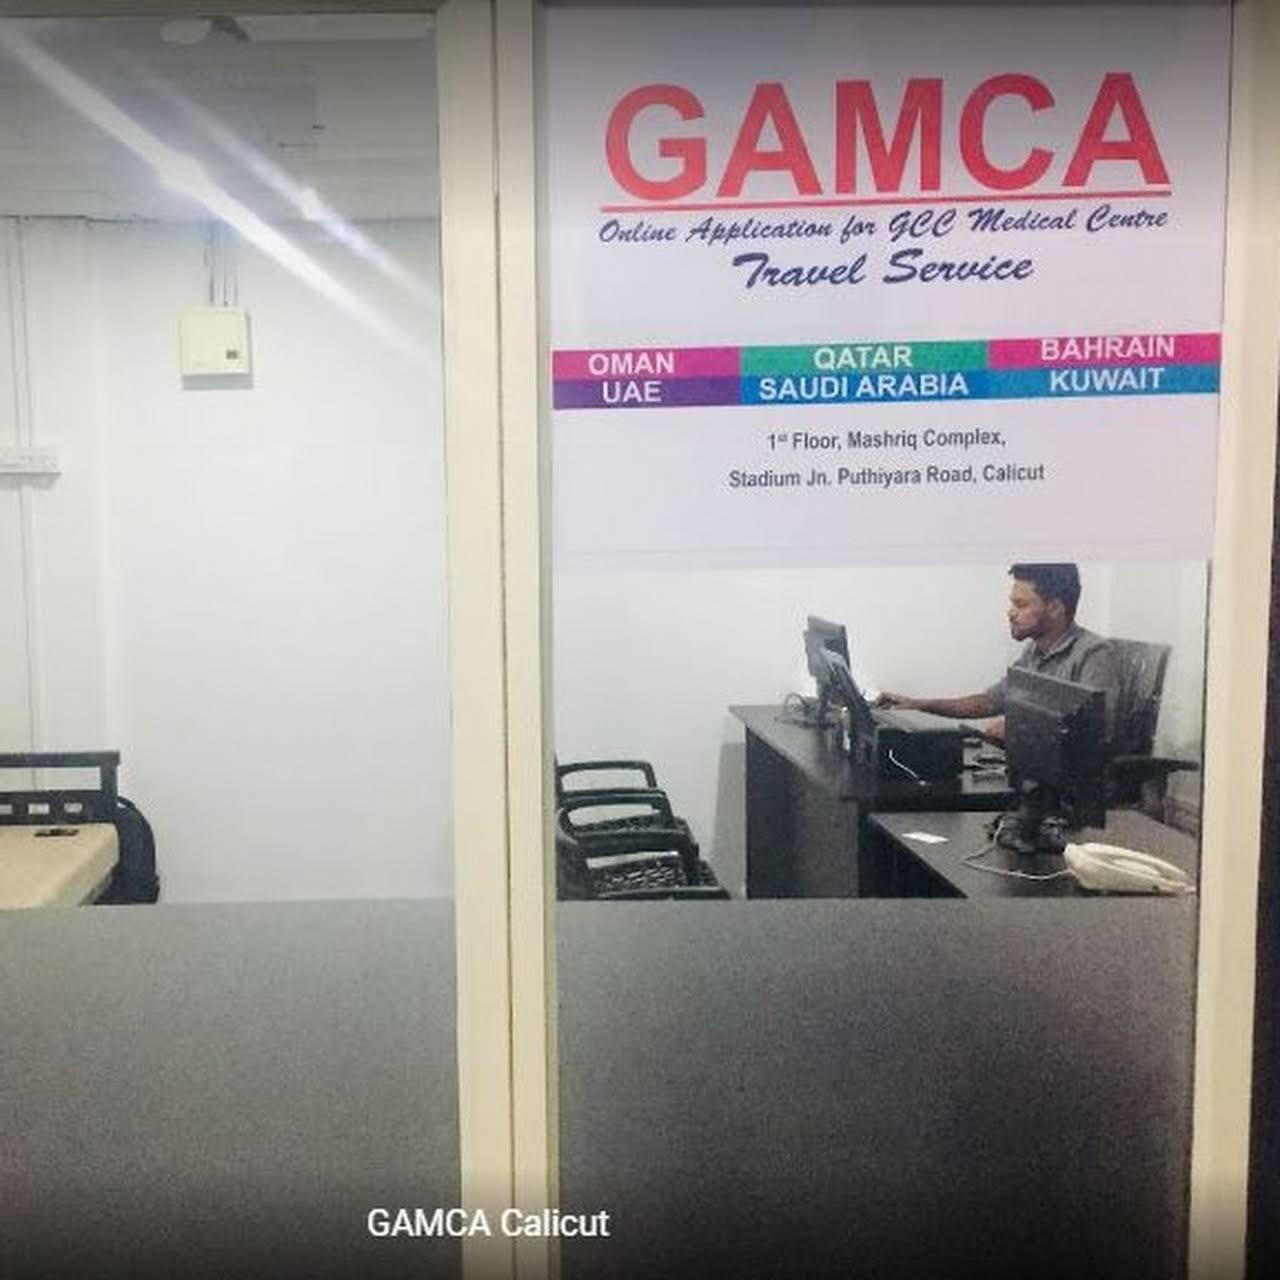 GAMCA Calicut - Medical Office in Calicut